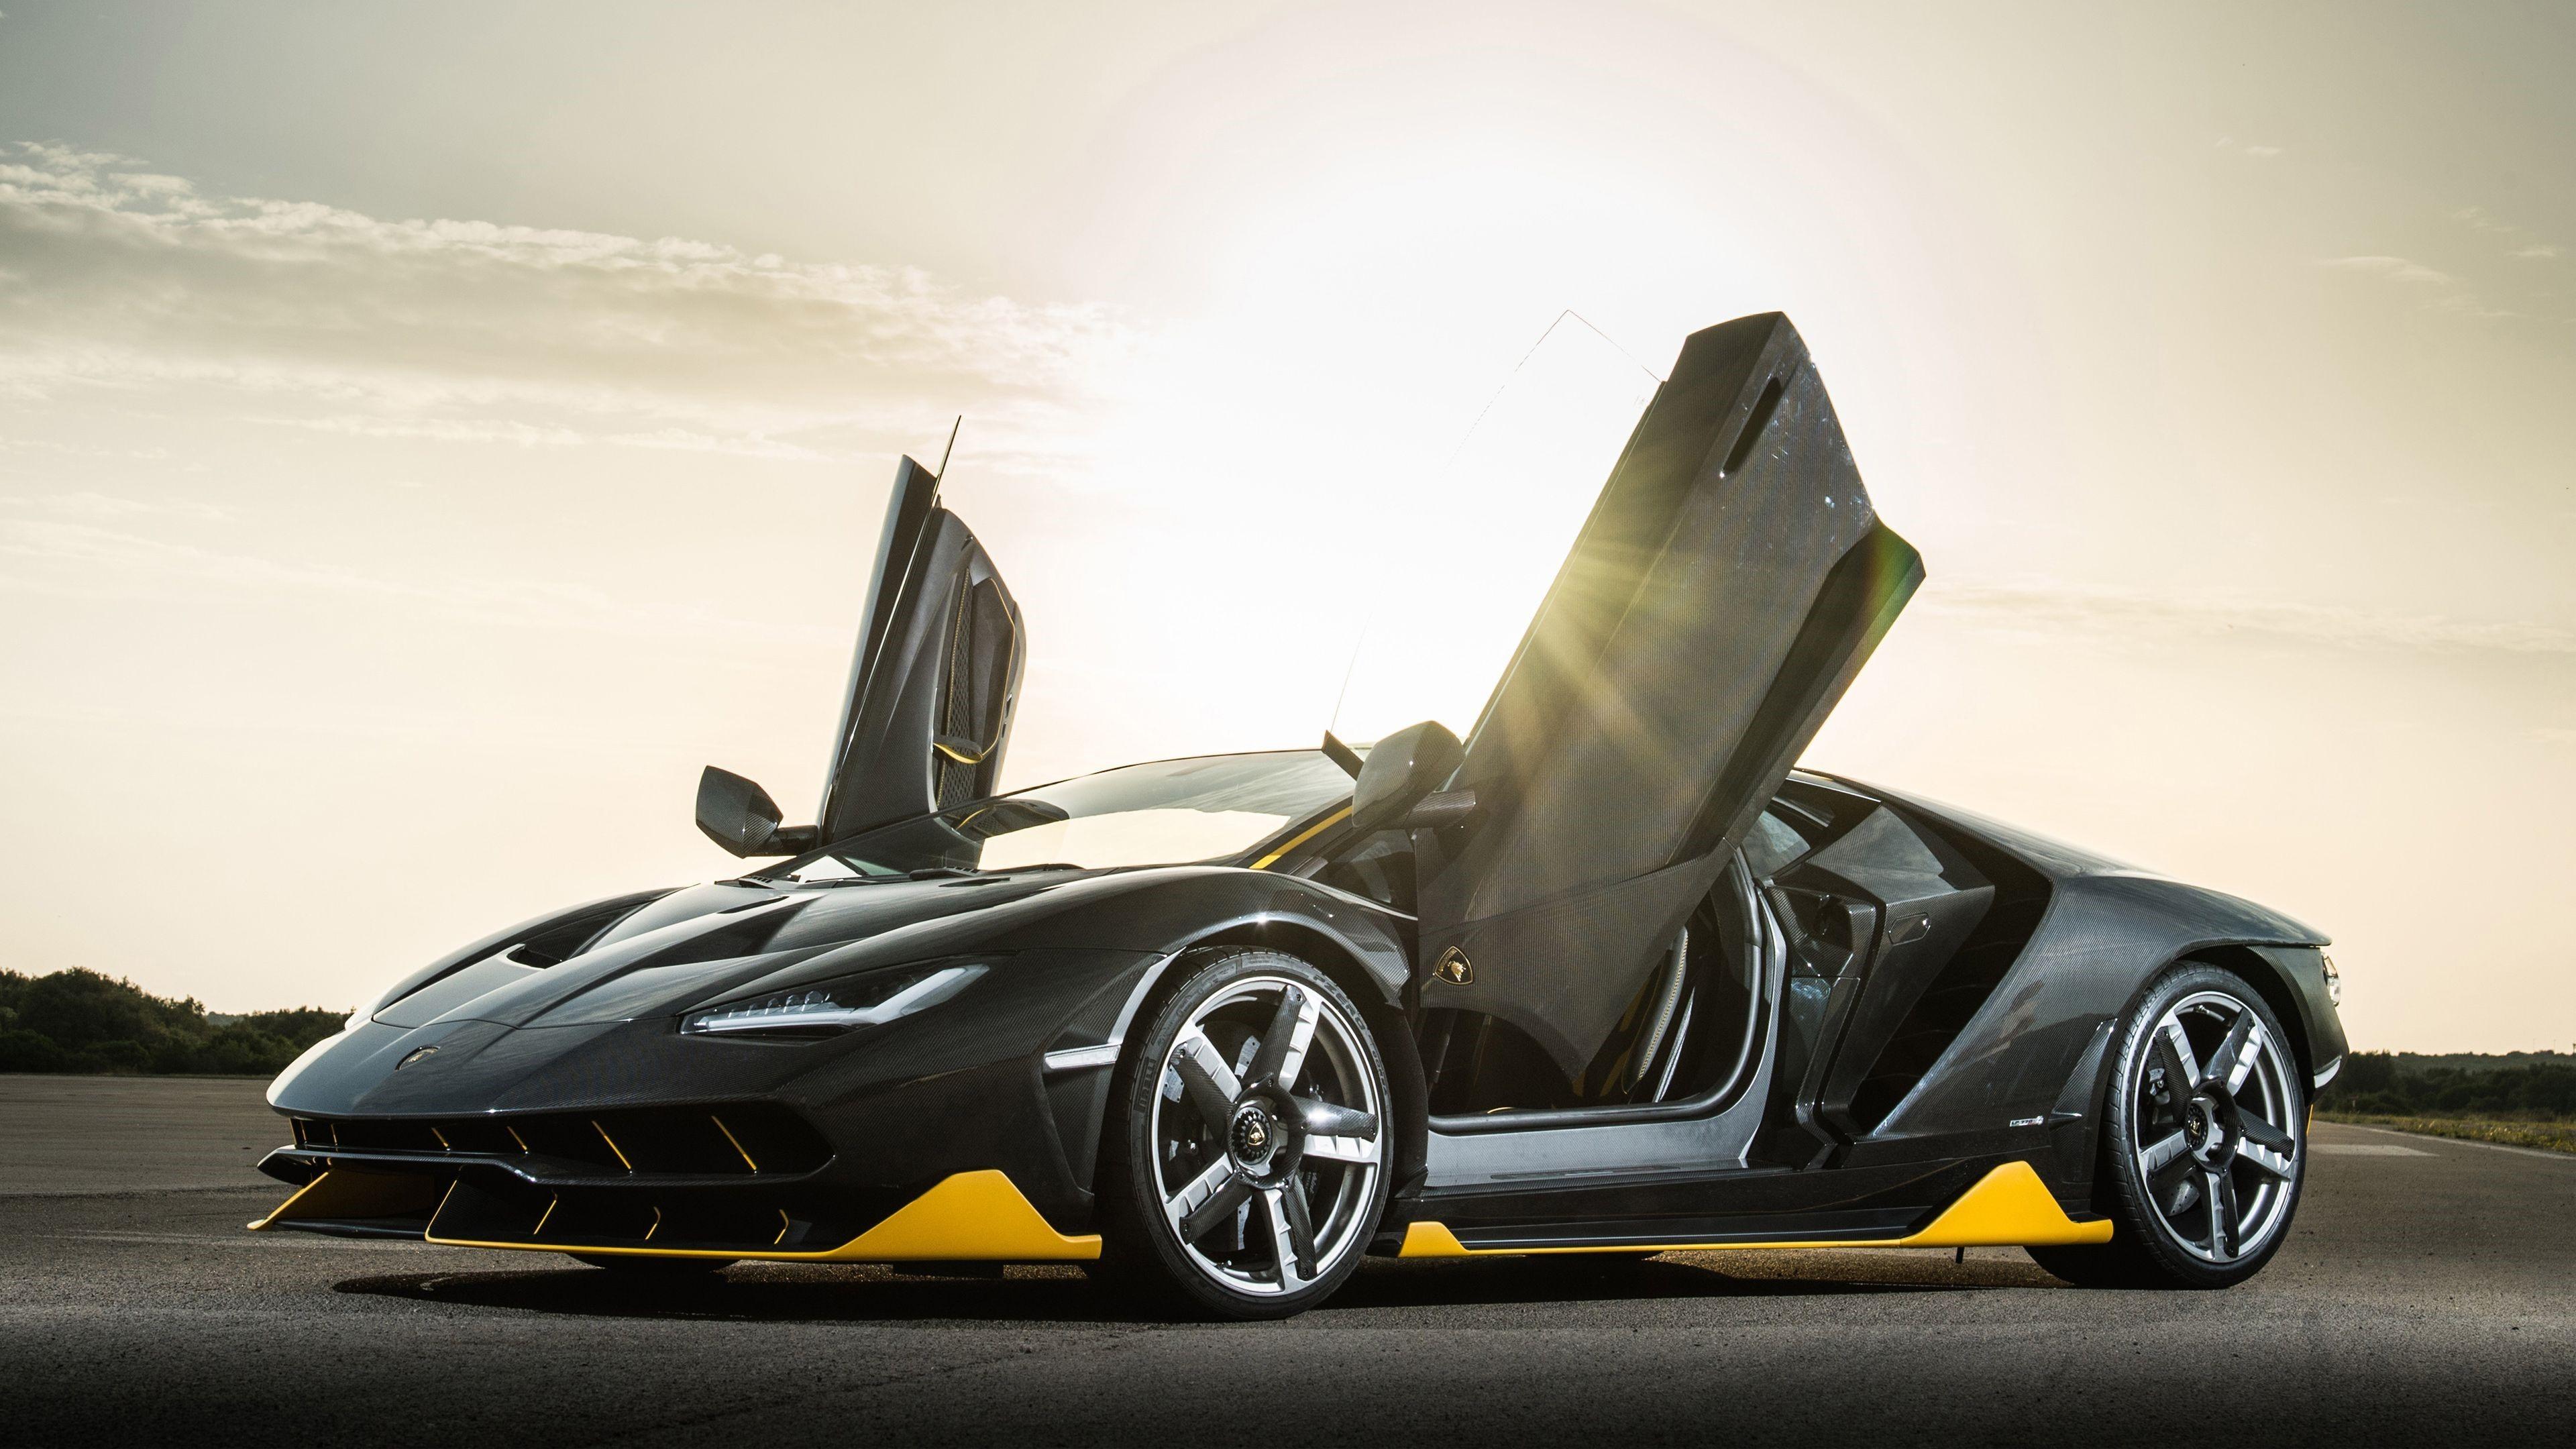 Lamborghini Mobile Wallpapers